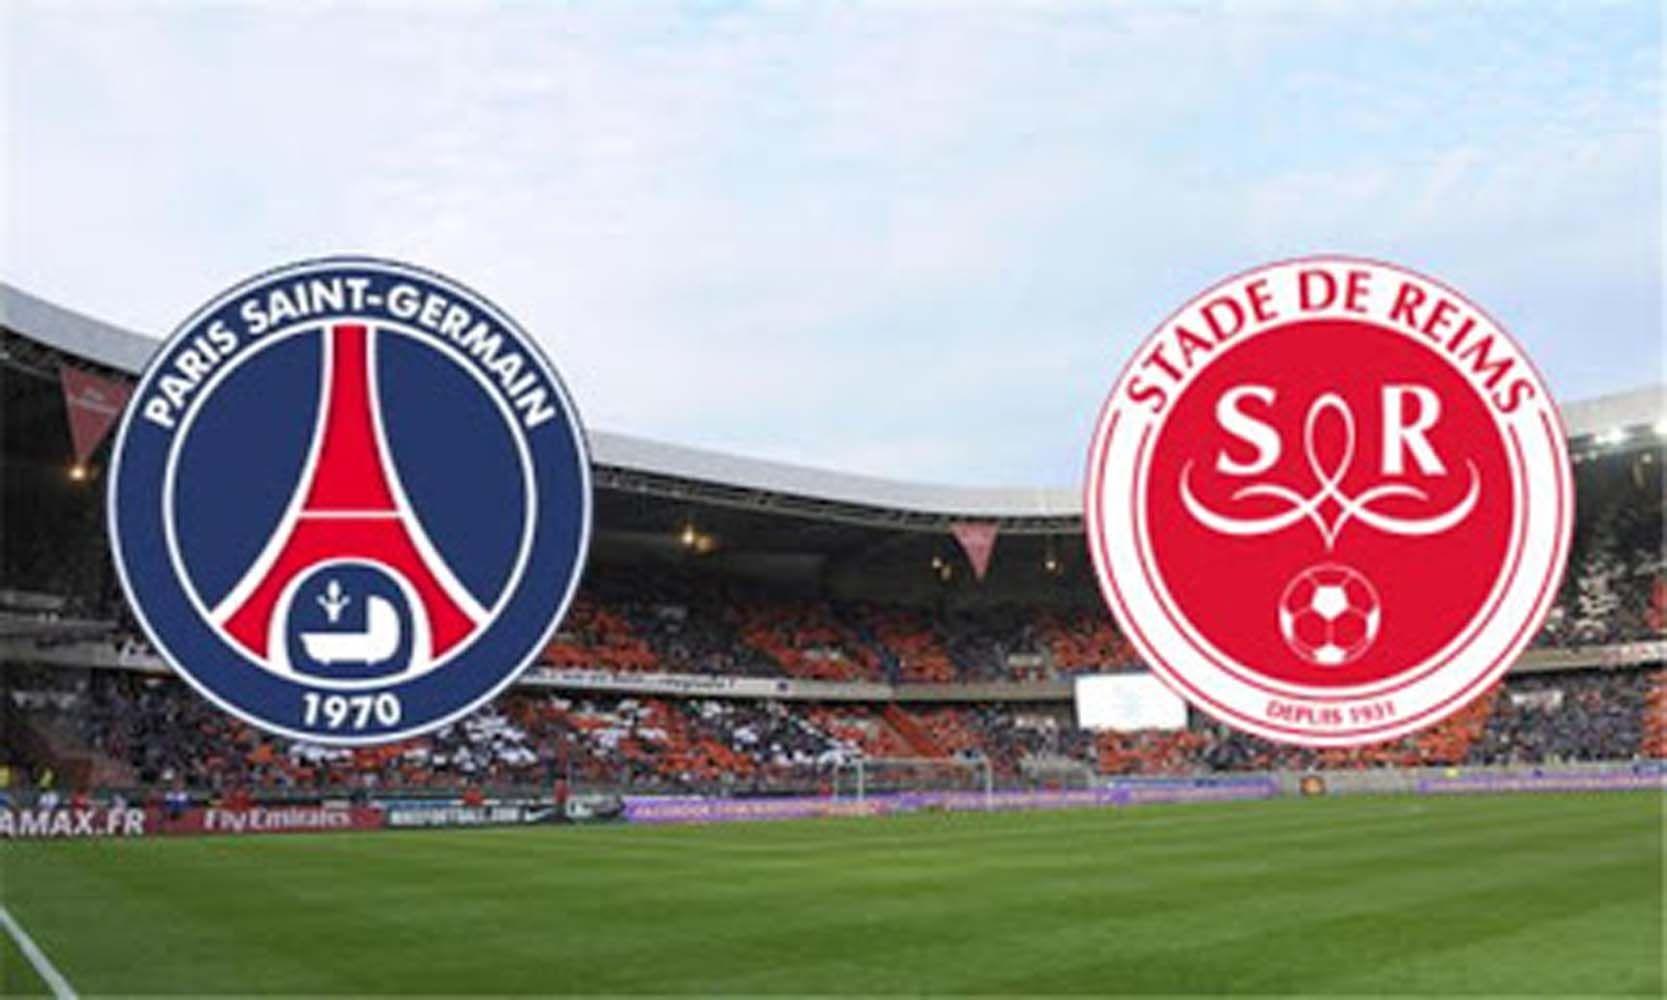 مشاهدة مباراة باريس سان جيرمان وريمس اليوم